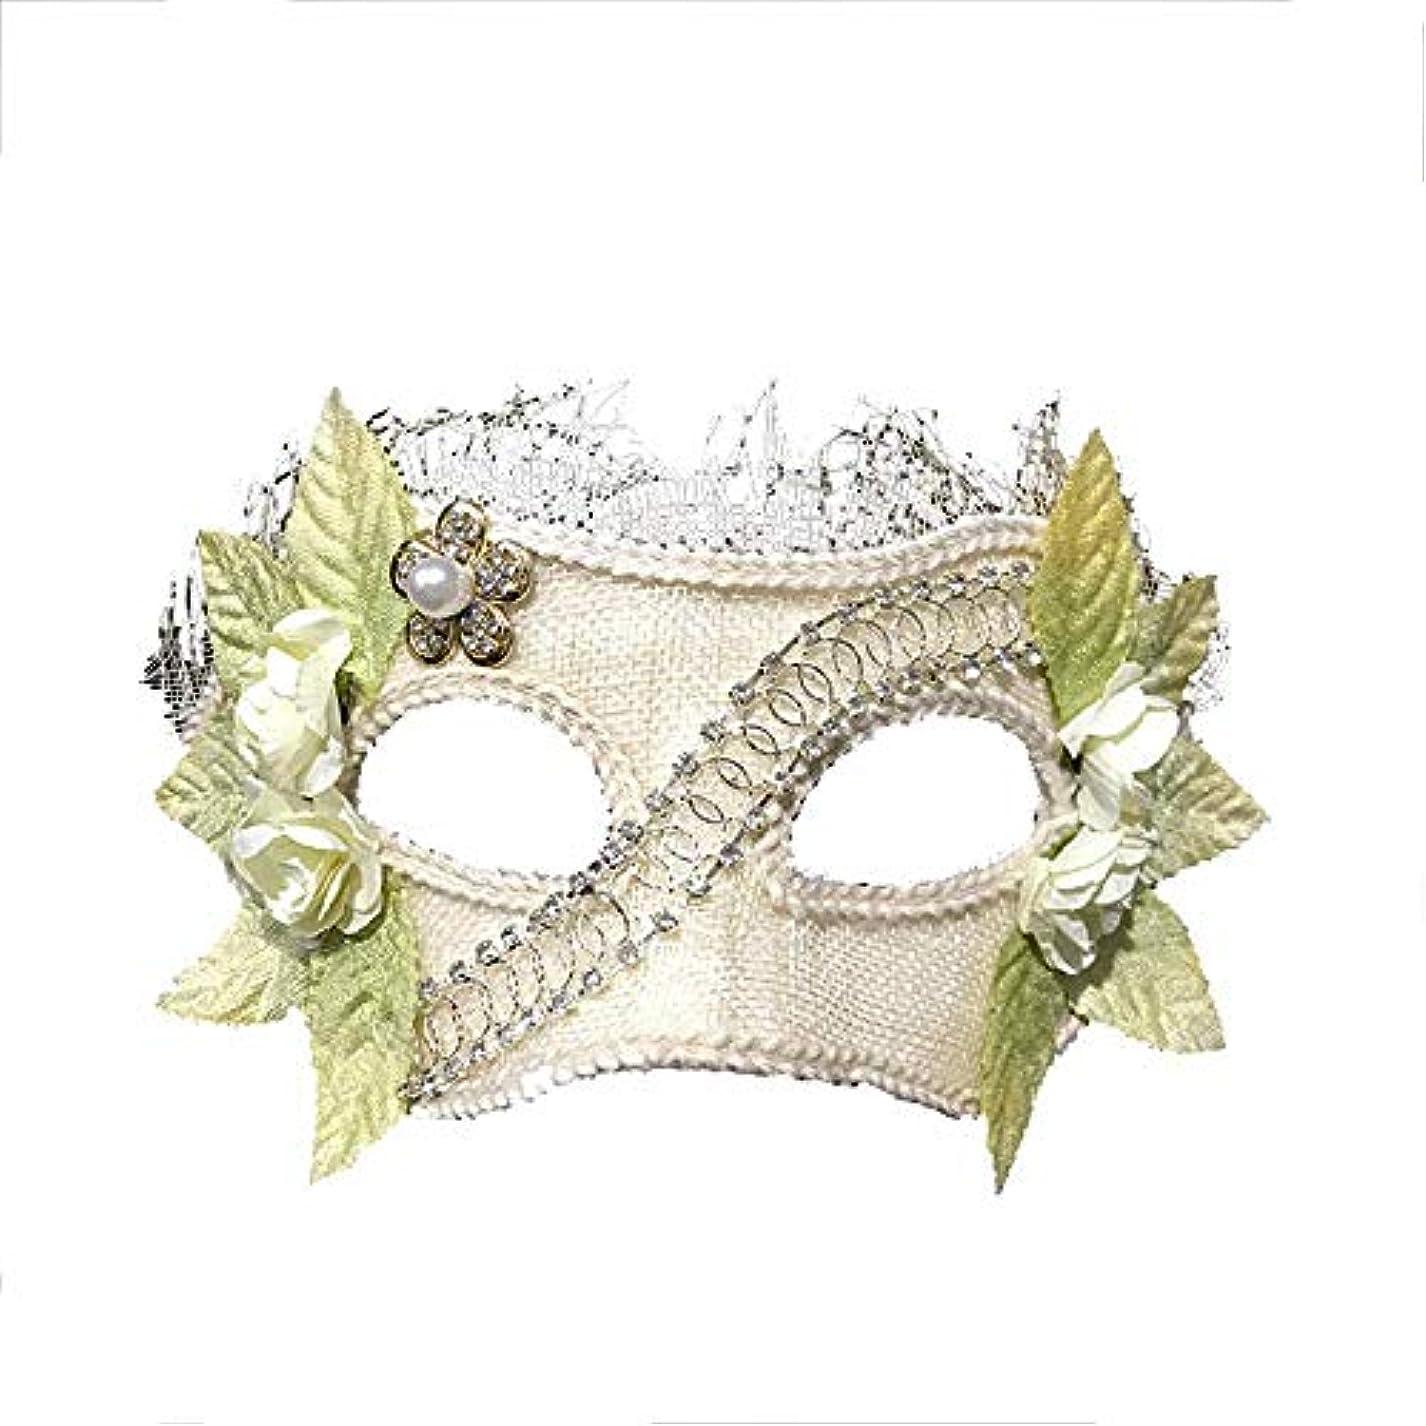 なぜアパル胚Nanle ハロウィンクリスマスフラワーフェザービーズマスク仮装マスクレディミスプリンセス美容祭パーティーデコレーションマスク (色 : Style A)